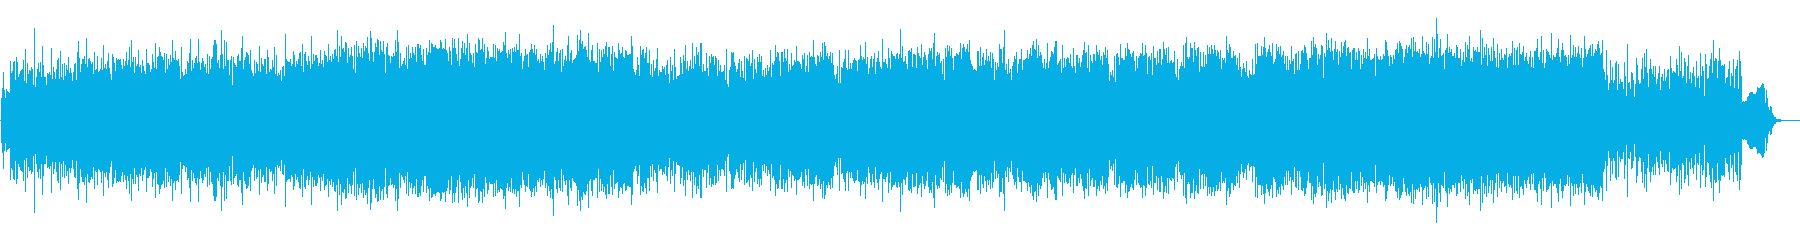 尺八と三味線の勢いのある和風テクノ生演奏の再生済みの波形